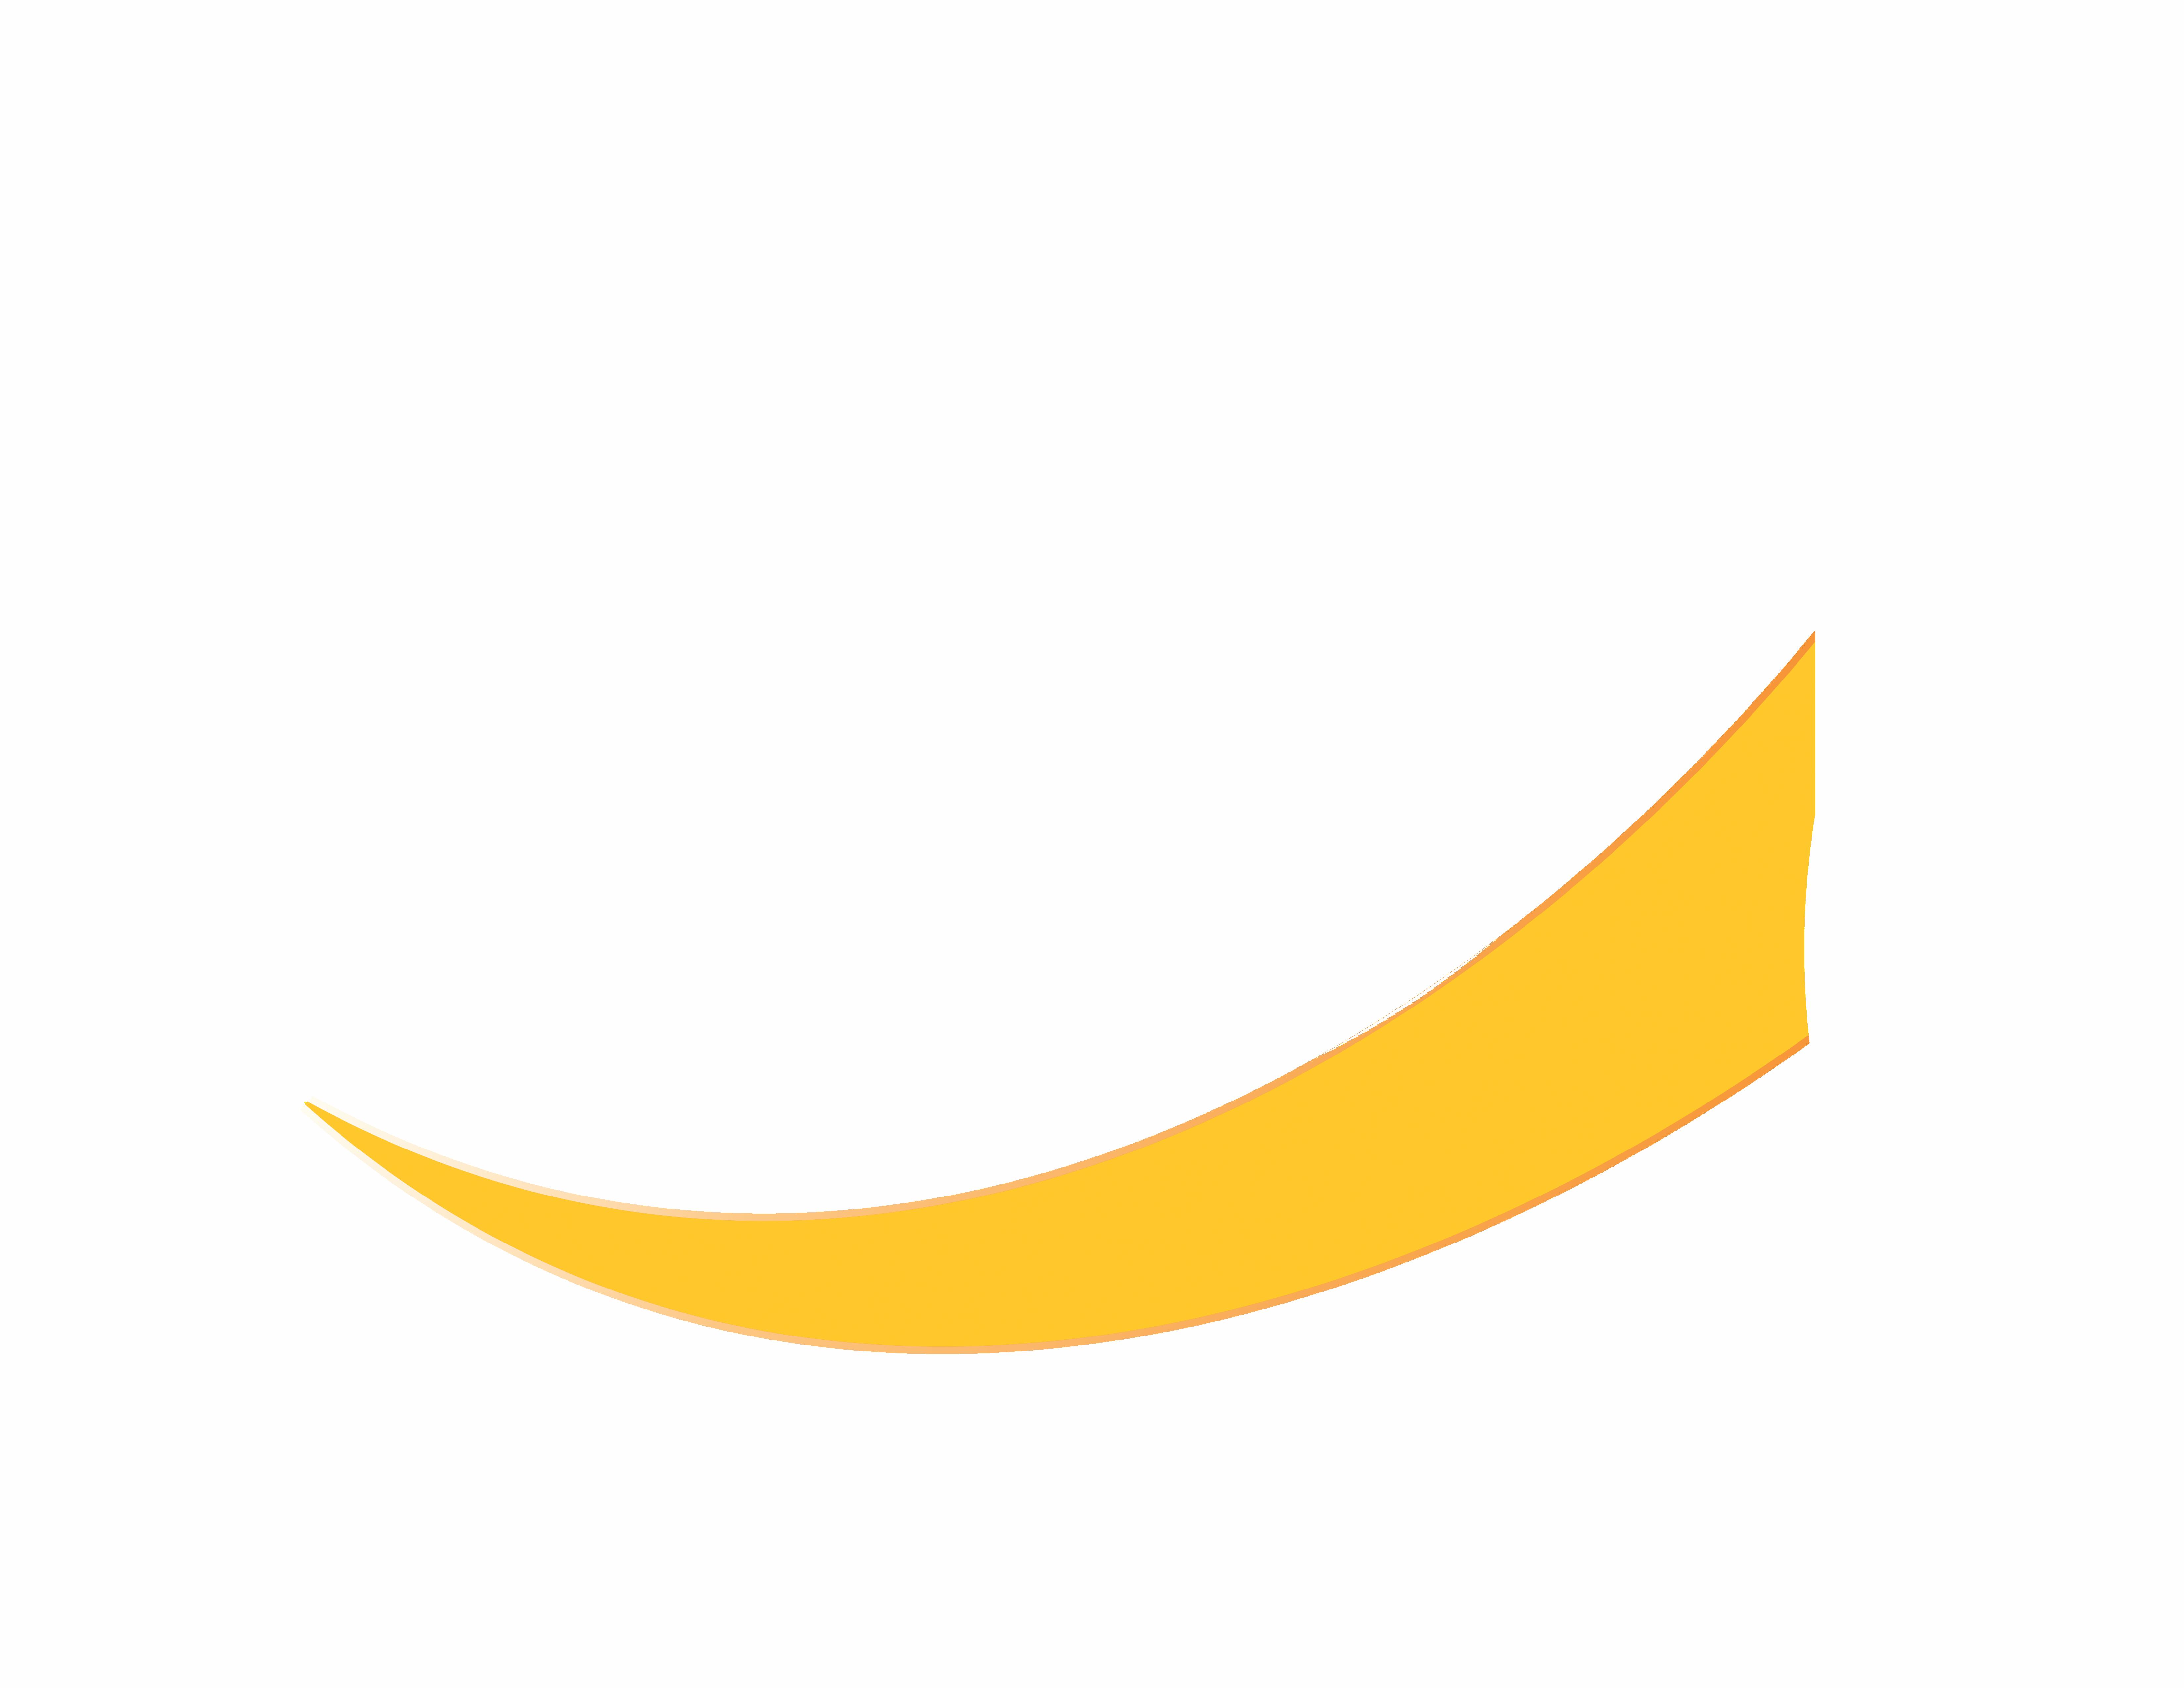 orange curve